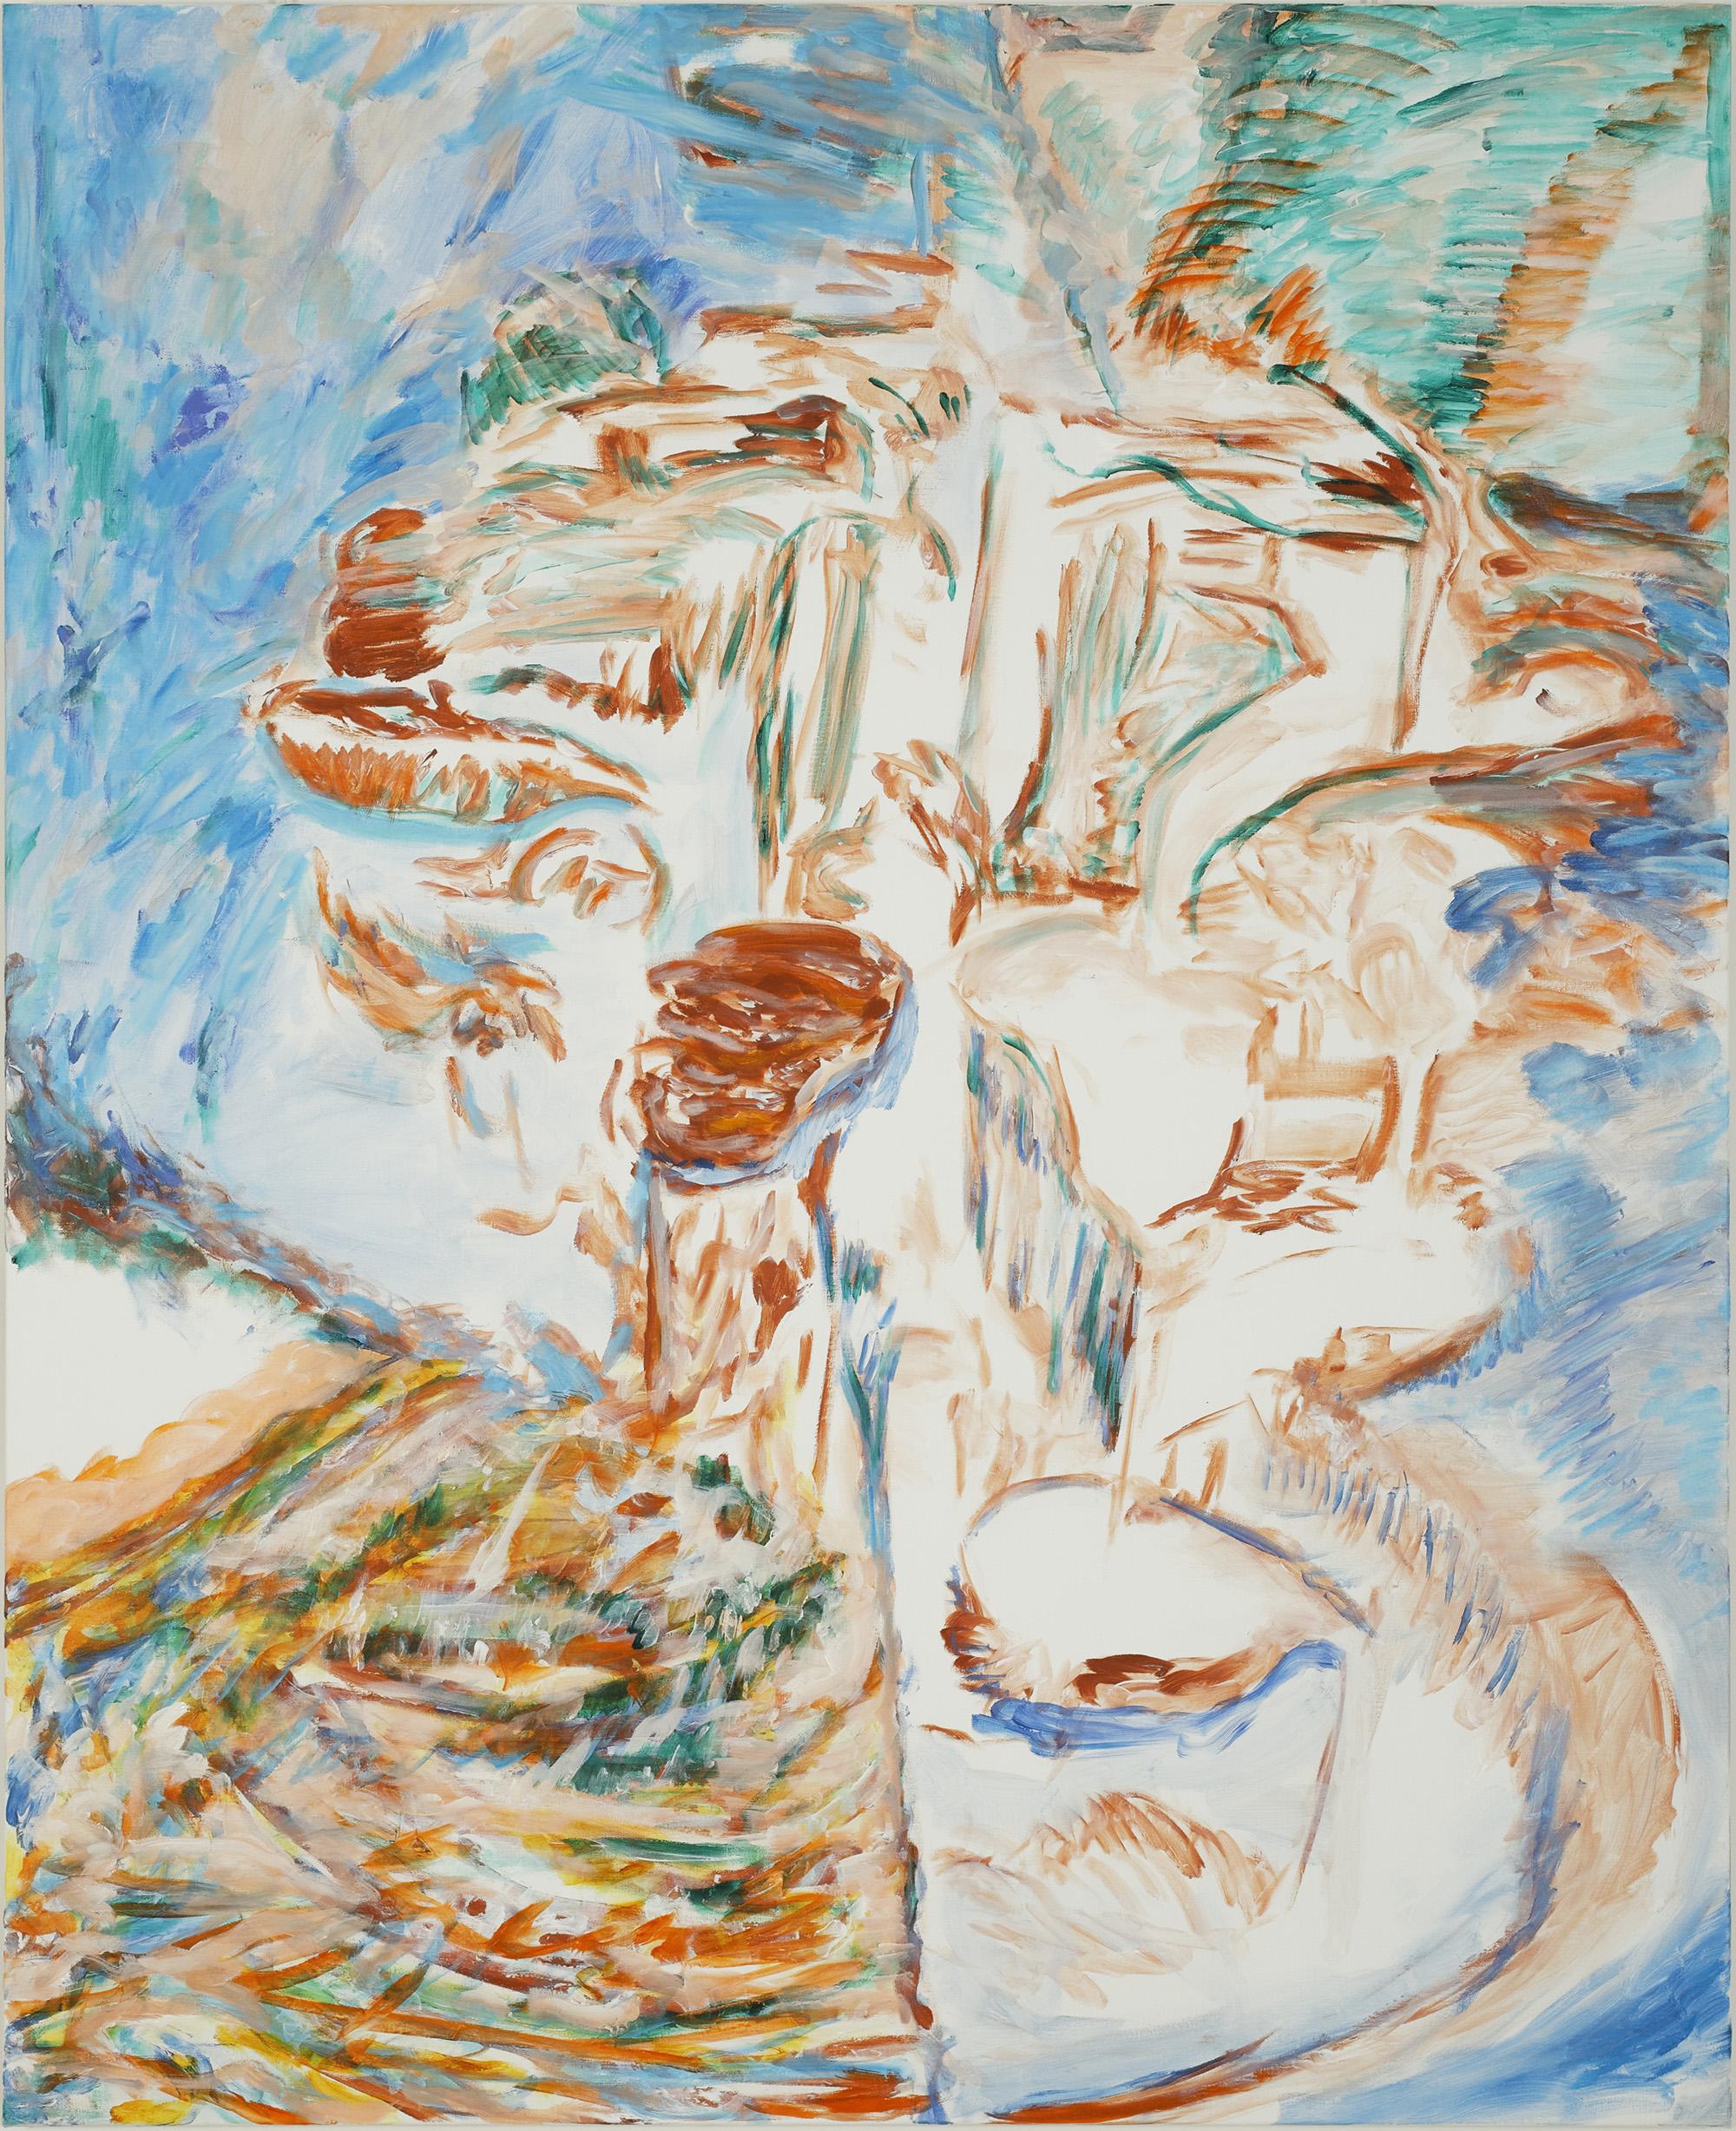 Cascade sucrée (acrylic on canvas, 130 x 190 cm - 2017)